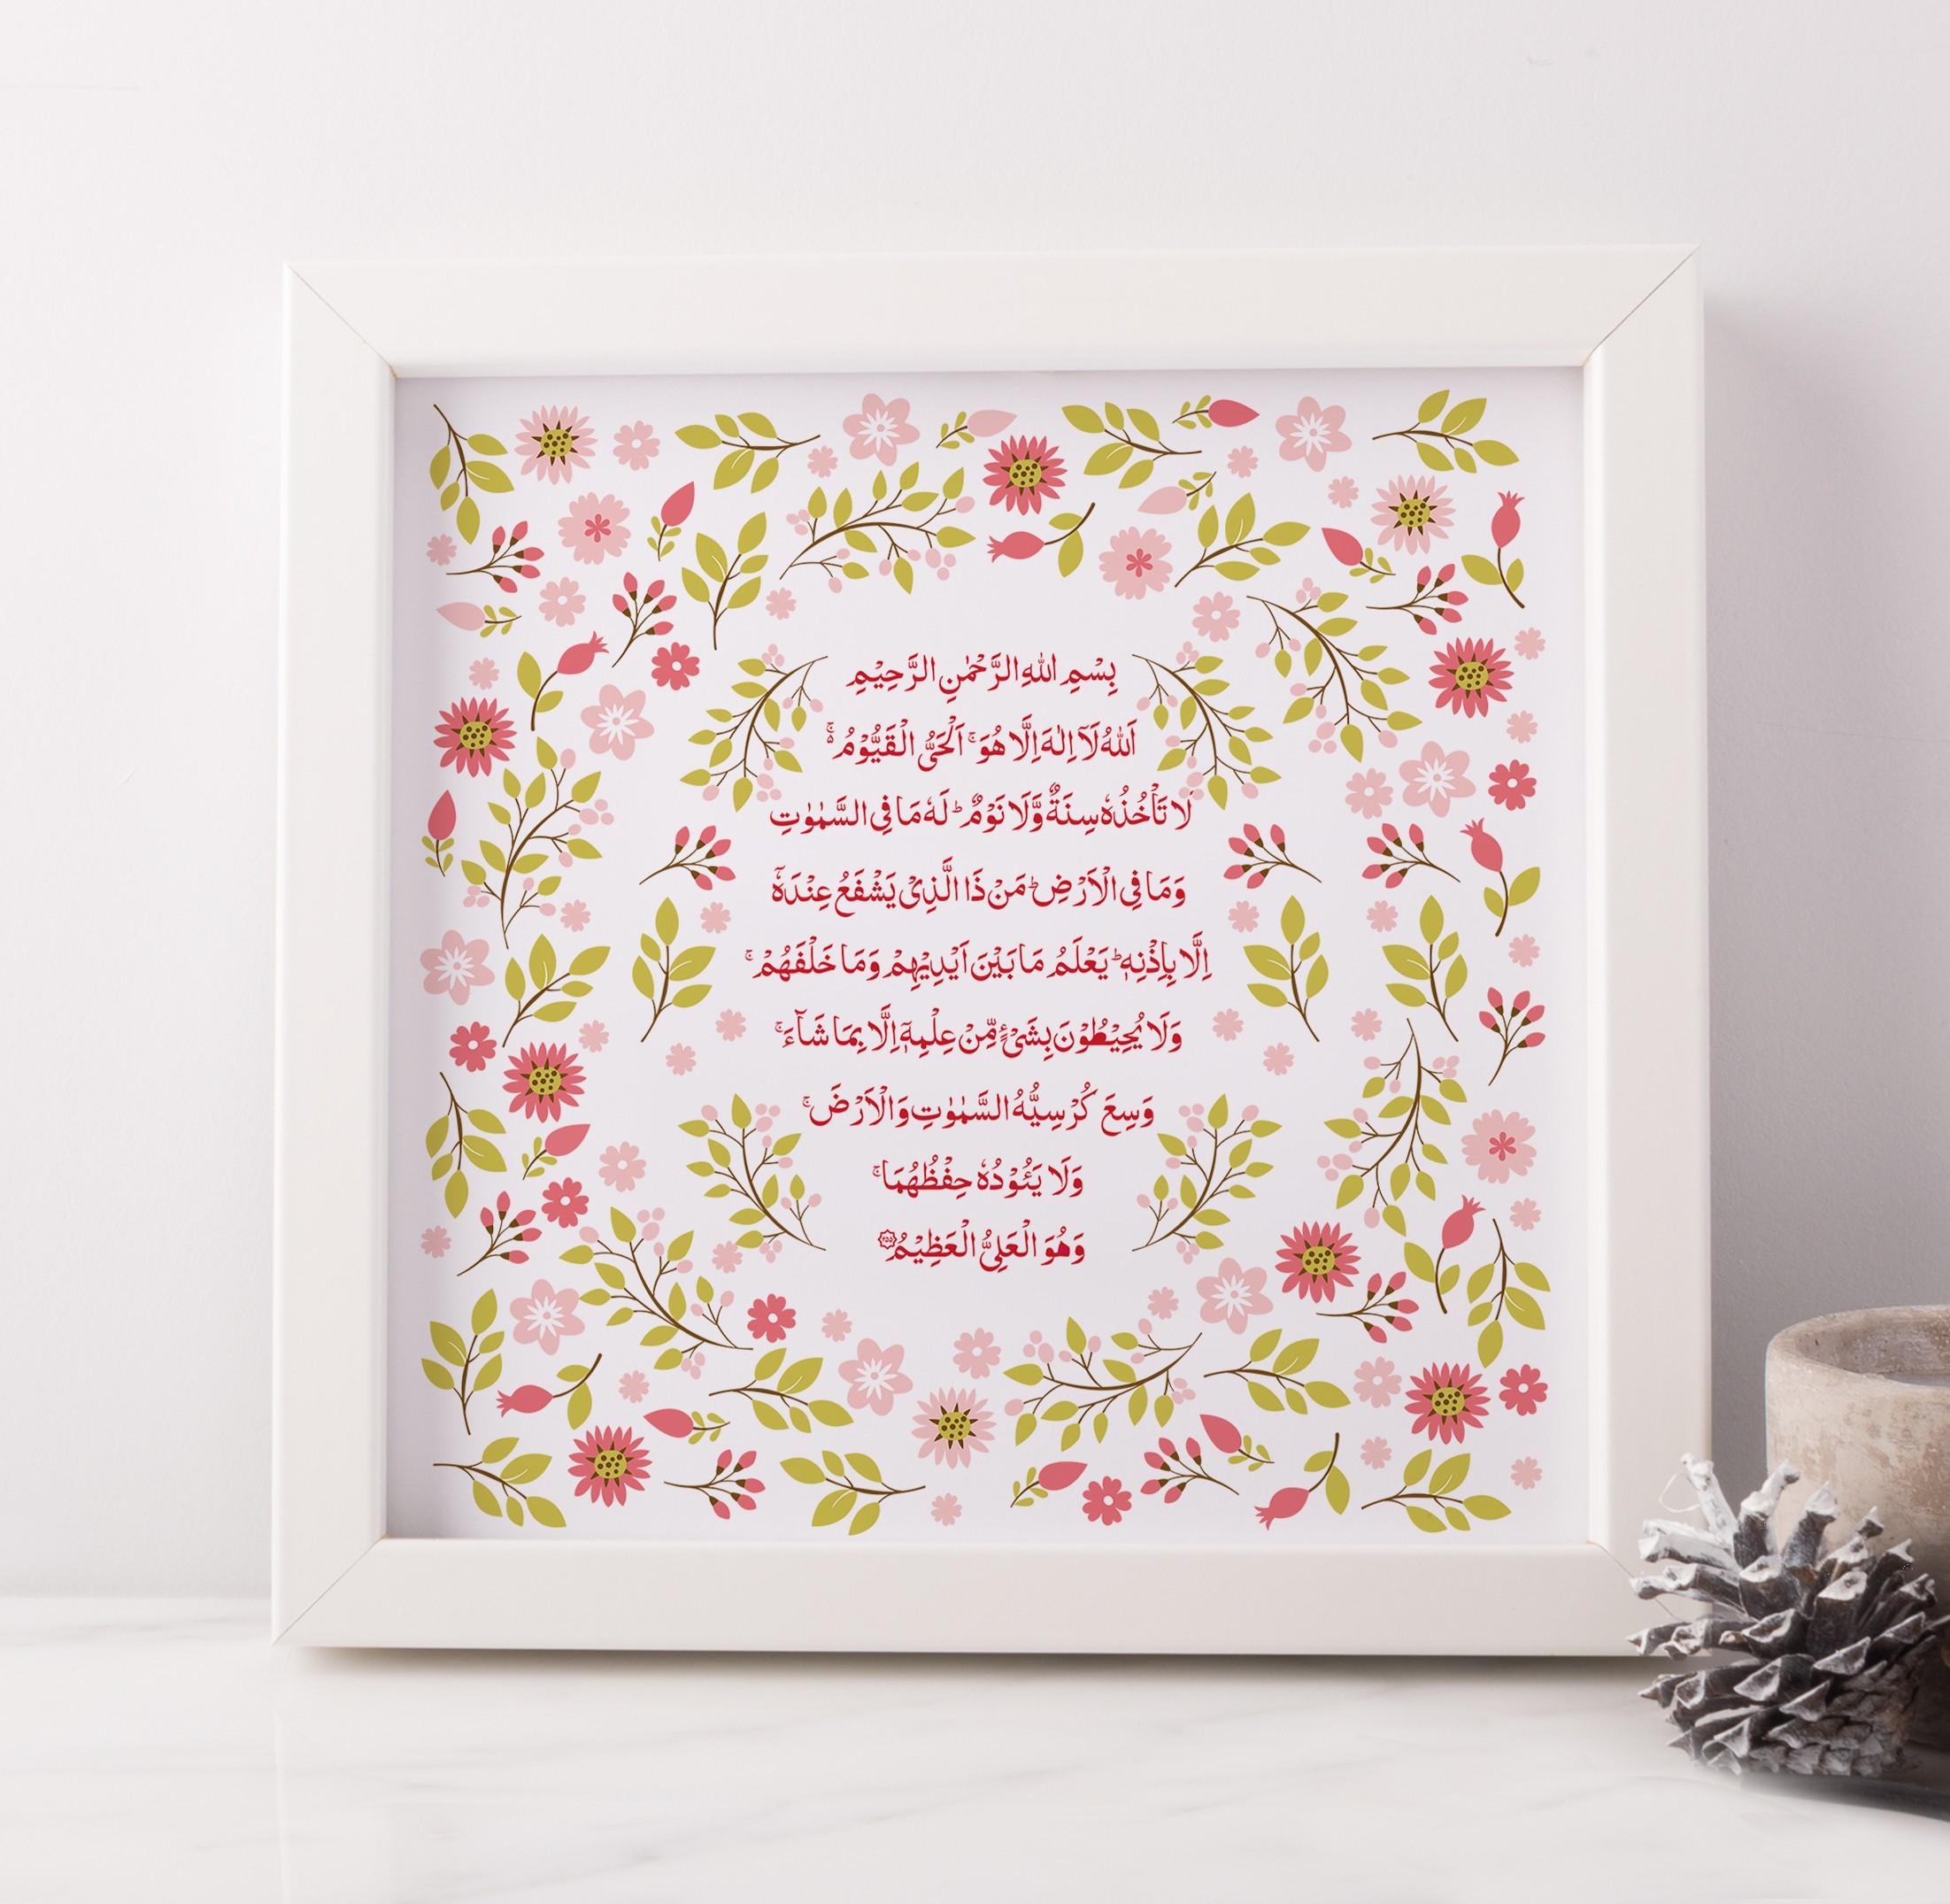 Ayat Ul Kursi Floral Frame Art